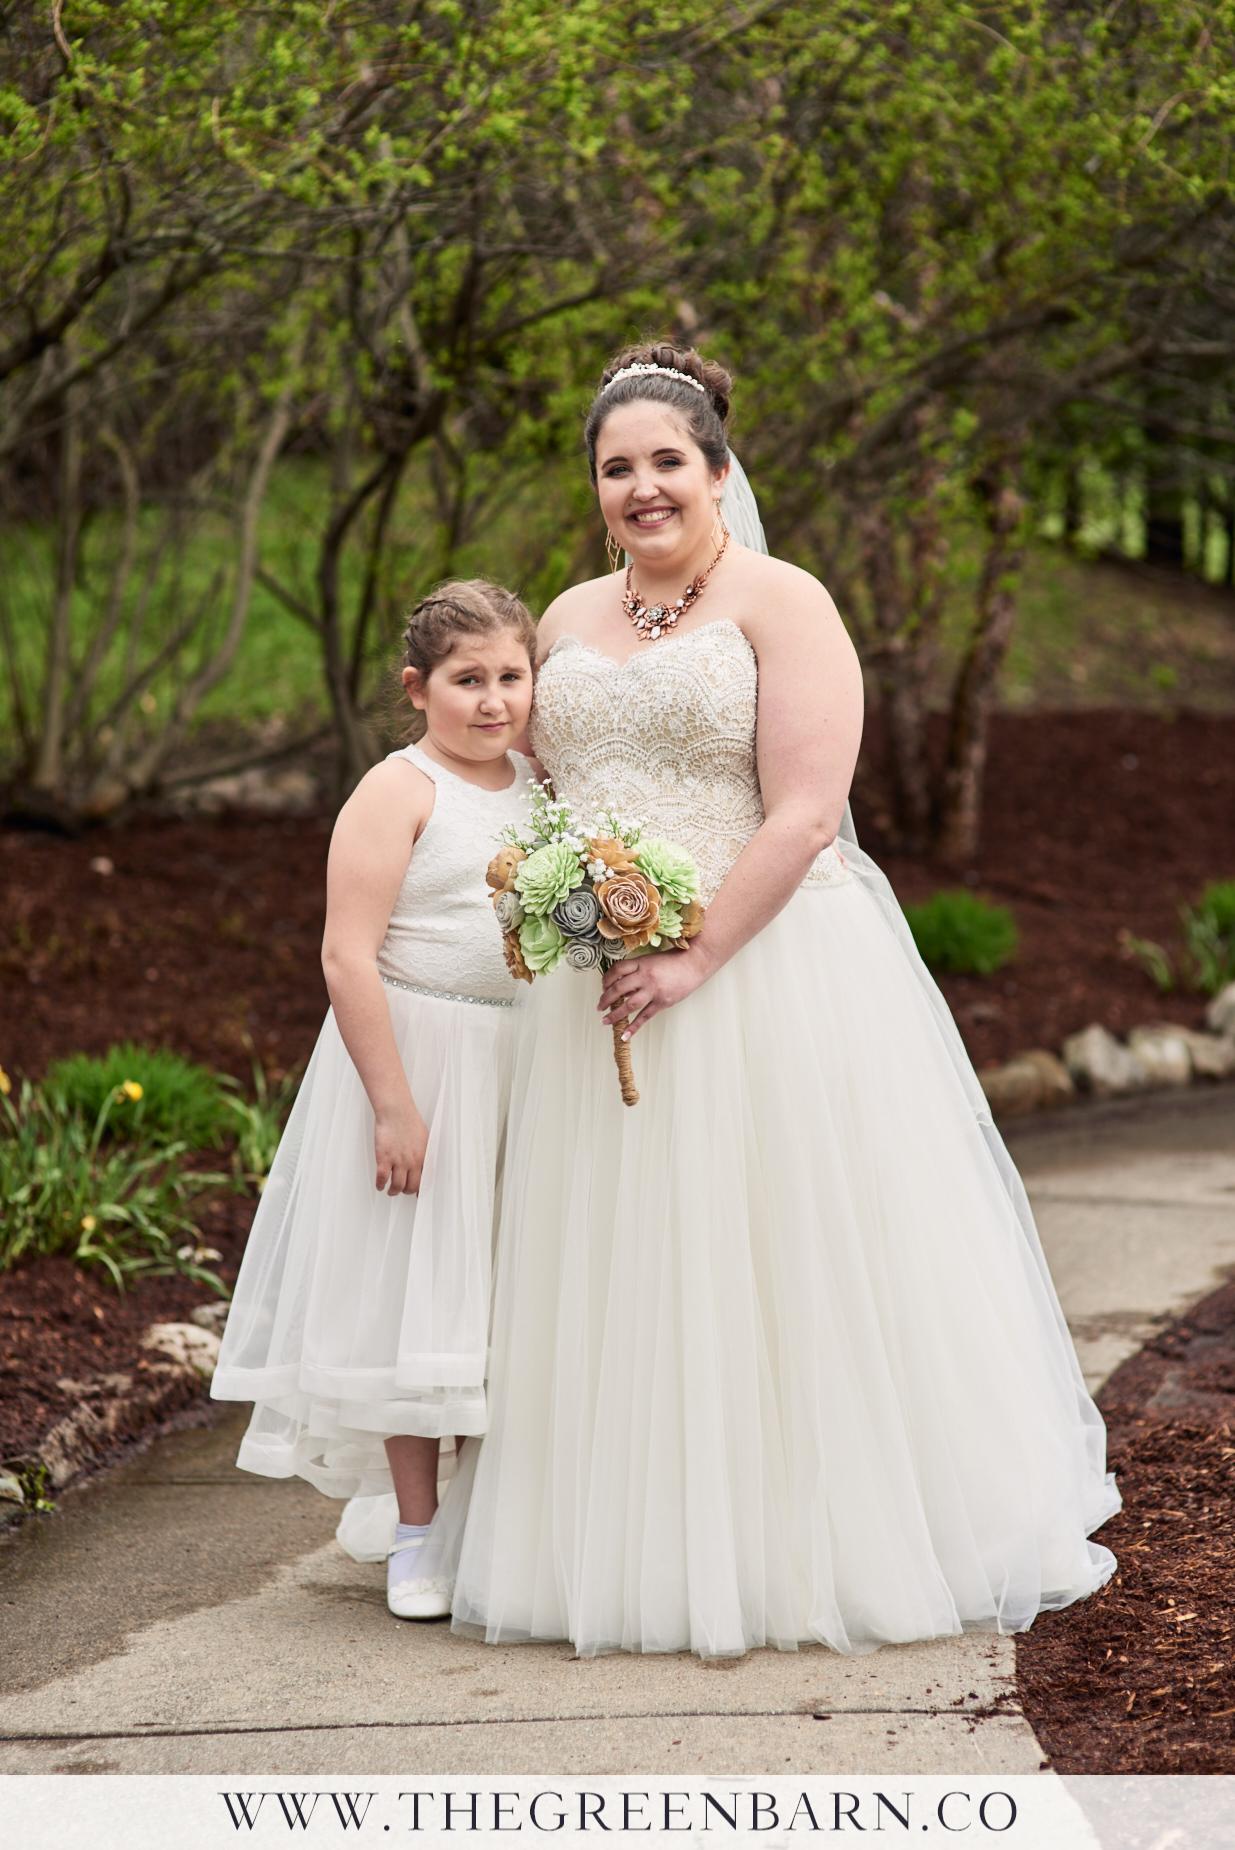 Bride with Flower Girl Photo at a Spring Garden Wedding in Williston VT